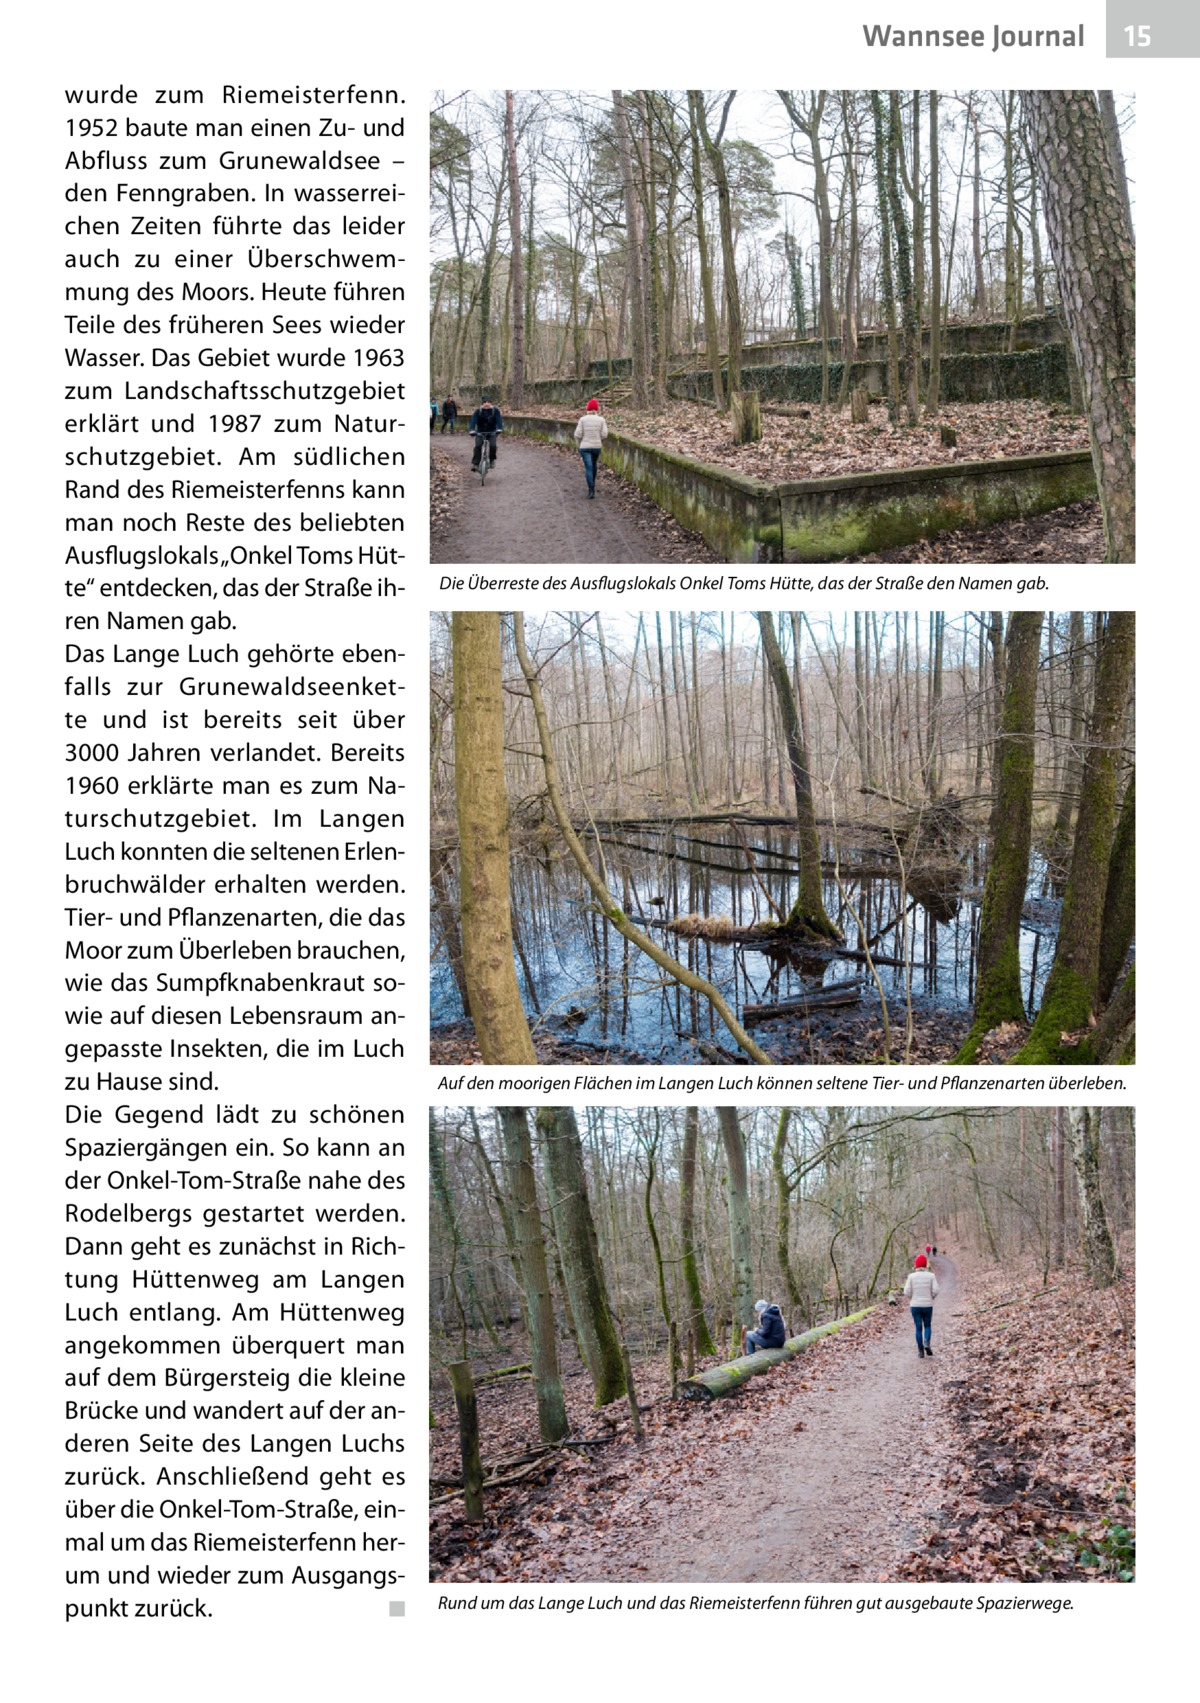 """Wannsee Journal wurde zum Riemeisterfenn. 1952 baute man einen Zu- und Abfluss zum Grunewaldsee – den Fenngraben. In wasserreichen Zeiten führte das leider auch zu einer Überschwemmung des Moors. Heute führen Teile des früheren Sees wieder Wasser. Das Gebiet wurde 1963 zum Landschaftsschutzgebiet erklärt und 1987 zum Naturschutzgebiet. Am südlichen Rand des Riemeisterfenns kann man noch Reste des beliebten Ausflugslokals """"Onkel Toms Hütte"""" entdecken, das der Straße ihren Namen gab. Das Lange Luch gehörte ebenfalls zur Grunewaldseenkette und ist bereits seit über 3000 Jahren verlandet. Bereits 1960 erklärte man es zum Naturschutzgebiet. Im Langen Luch konnten die seltenen Erlenbruchwälder erhalten werden. Tier- und Pflanzenarten, die das Moor zum Überleben brauchen, wie das Sumpfknabenkraut sowie auf diesen Lebensraum angepasste Insekten, die im Luch zu Hause sind. Die Gegend lädt zu schönen Spaziergängen ein. So kann an der Onkel-Tom-Straße nahe des Rodelbergs gestartet werden. Dann geht es zunächst in Richtung Hüttenweg am Langen Luch entlang. Am Hüttenweg angekommen überquert man auf dem Bürgersteig die kleine Brücke und wandert auf der anderen Seite des Langen Luchs zurück. Anschließend geht es über die Onkel-Tom-Straße, einmal um das Riemeisterfenn herum und wieder zum Ausgangspunkt zurück.� ◾  15  Die Überreste des Ausflugslokals Onkel Toms Hütte, das der Straße den Namen gab.  Auf den moorigen Flächen im Langen Luch können seltene Tier- und Pflanzenarten überleben.  Rund um das Lange Luch und das Riemeisterfenn führen gut ausgebaute Spazierwege."""